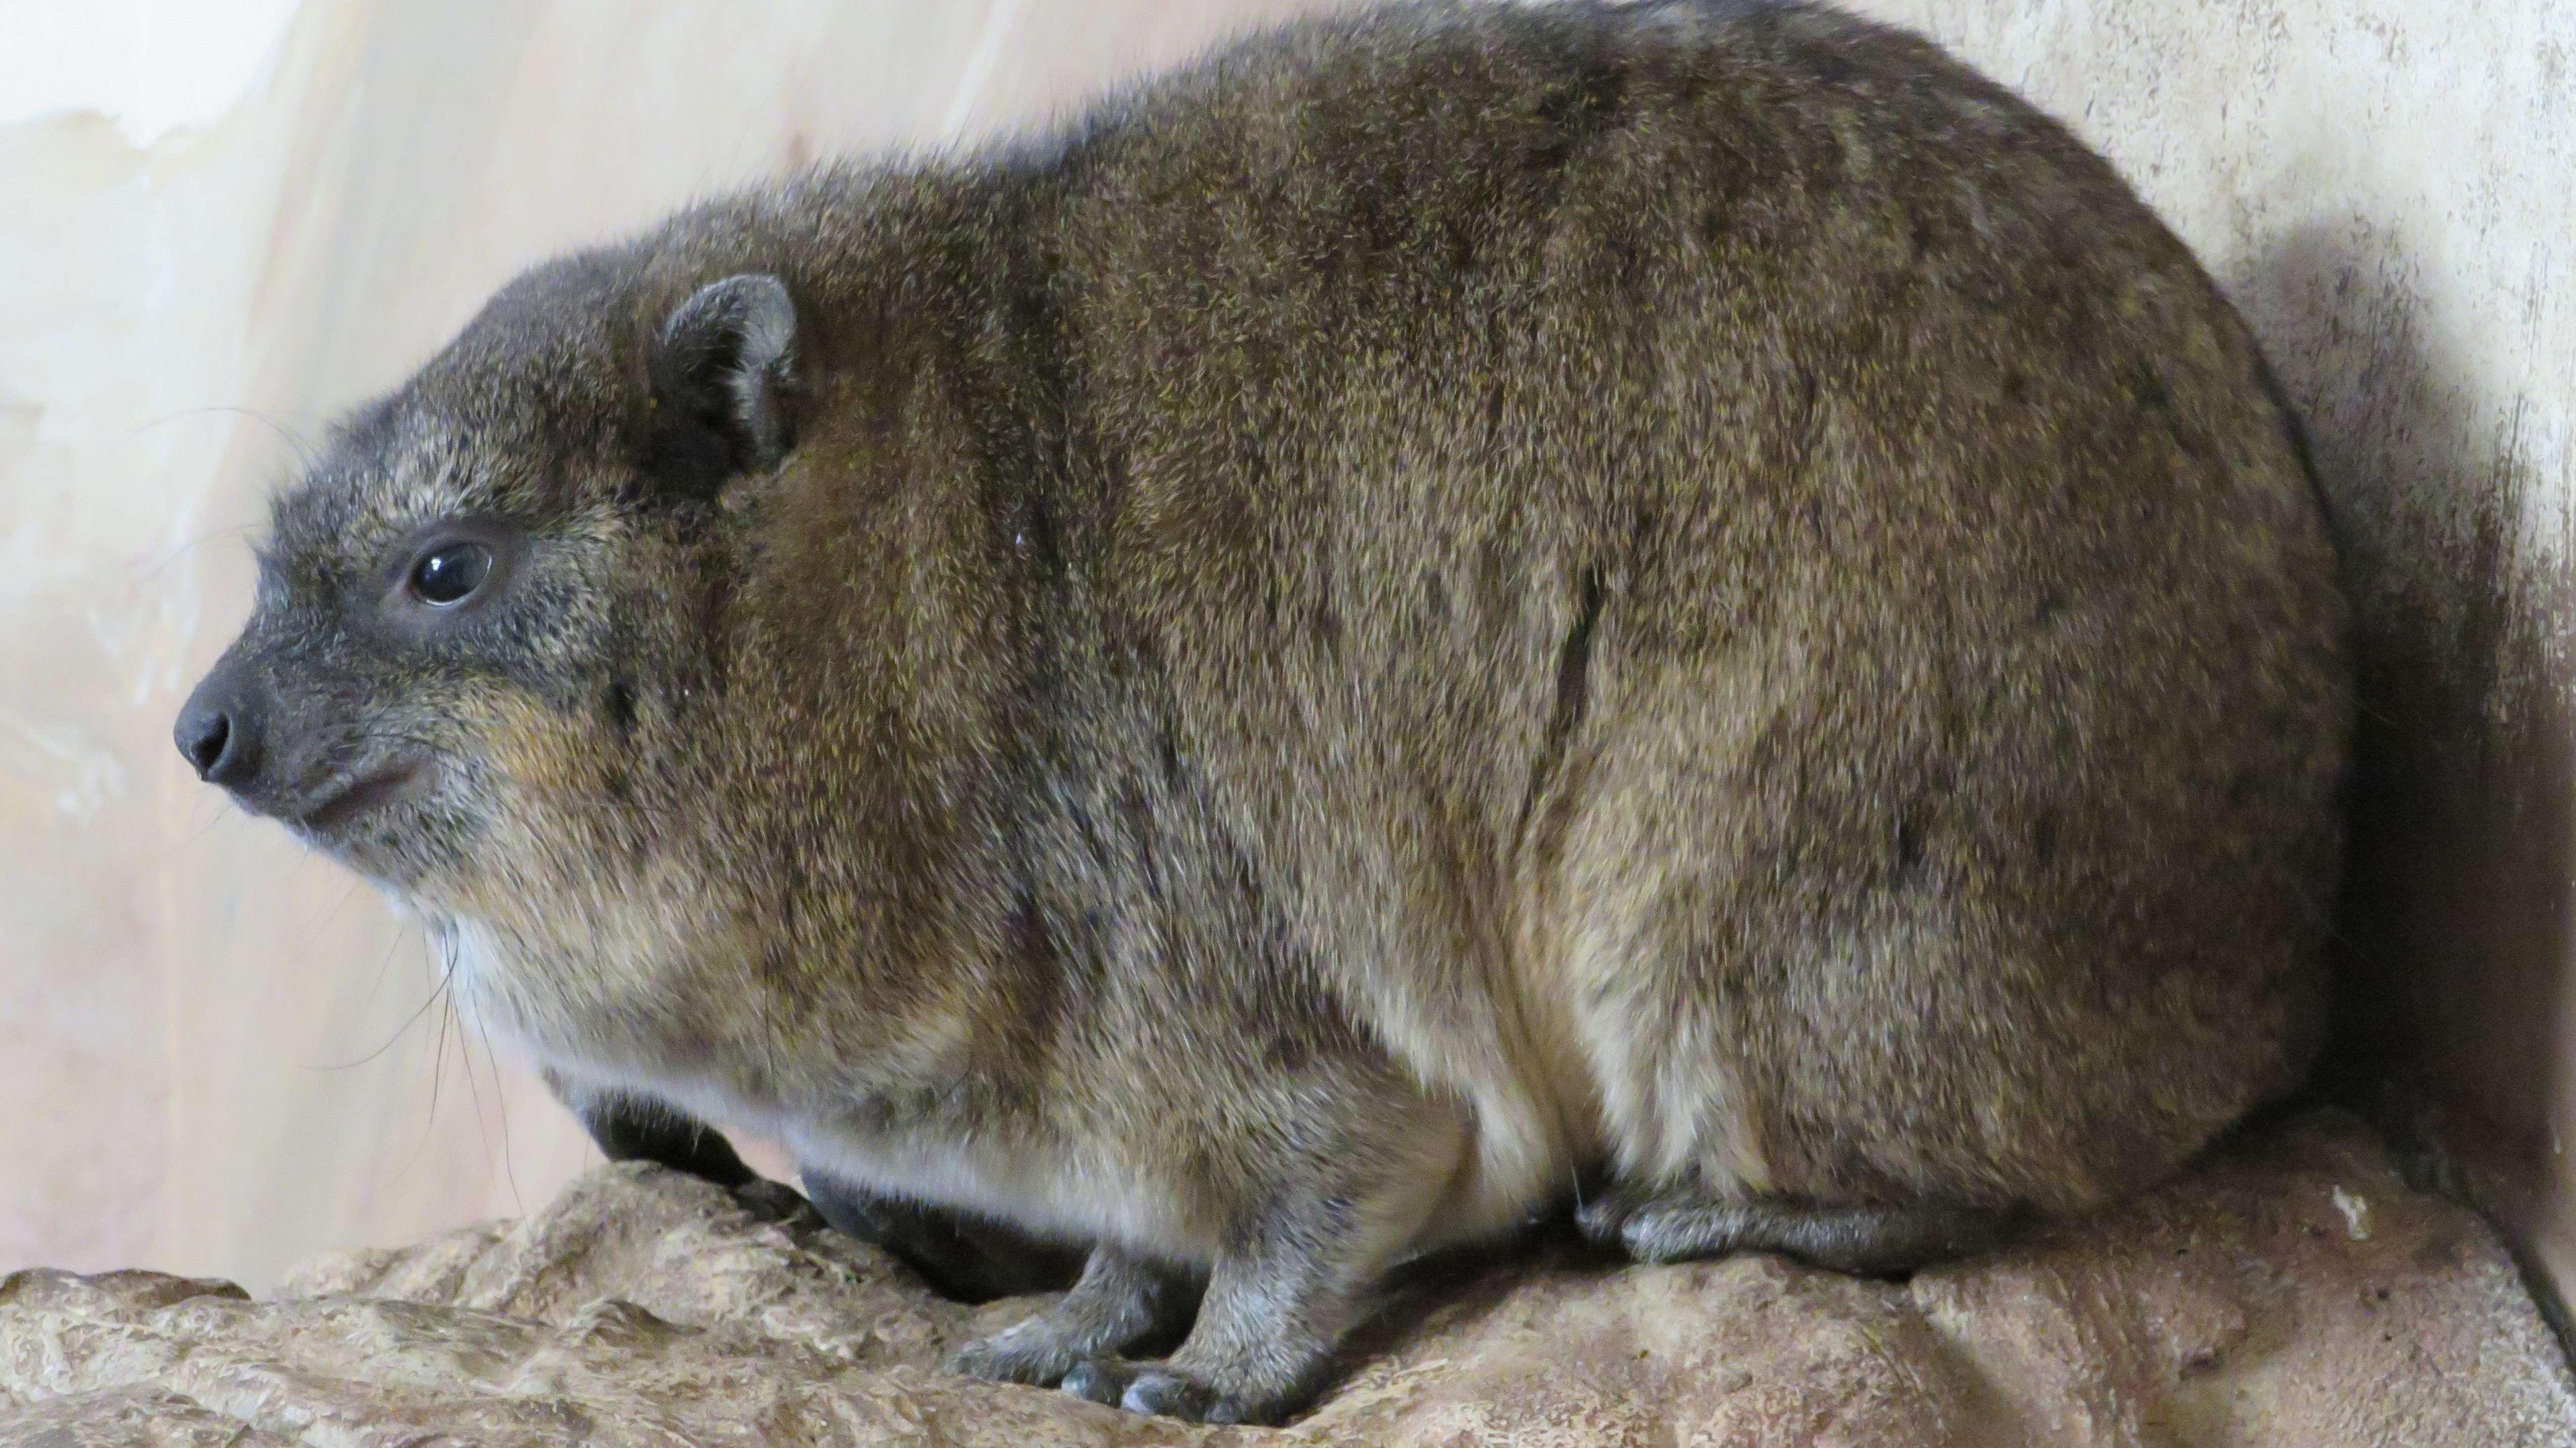 Die Klippschliefer mit ihrem niedrigen Körperbau verweilen gerne in Brustlage.